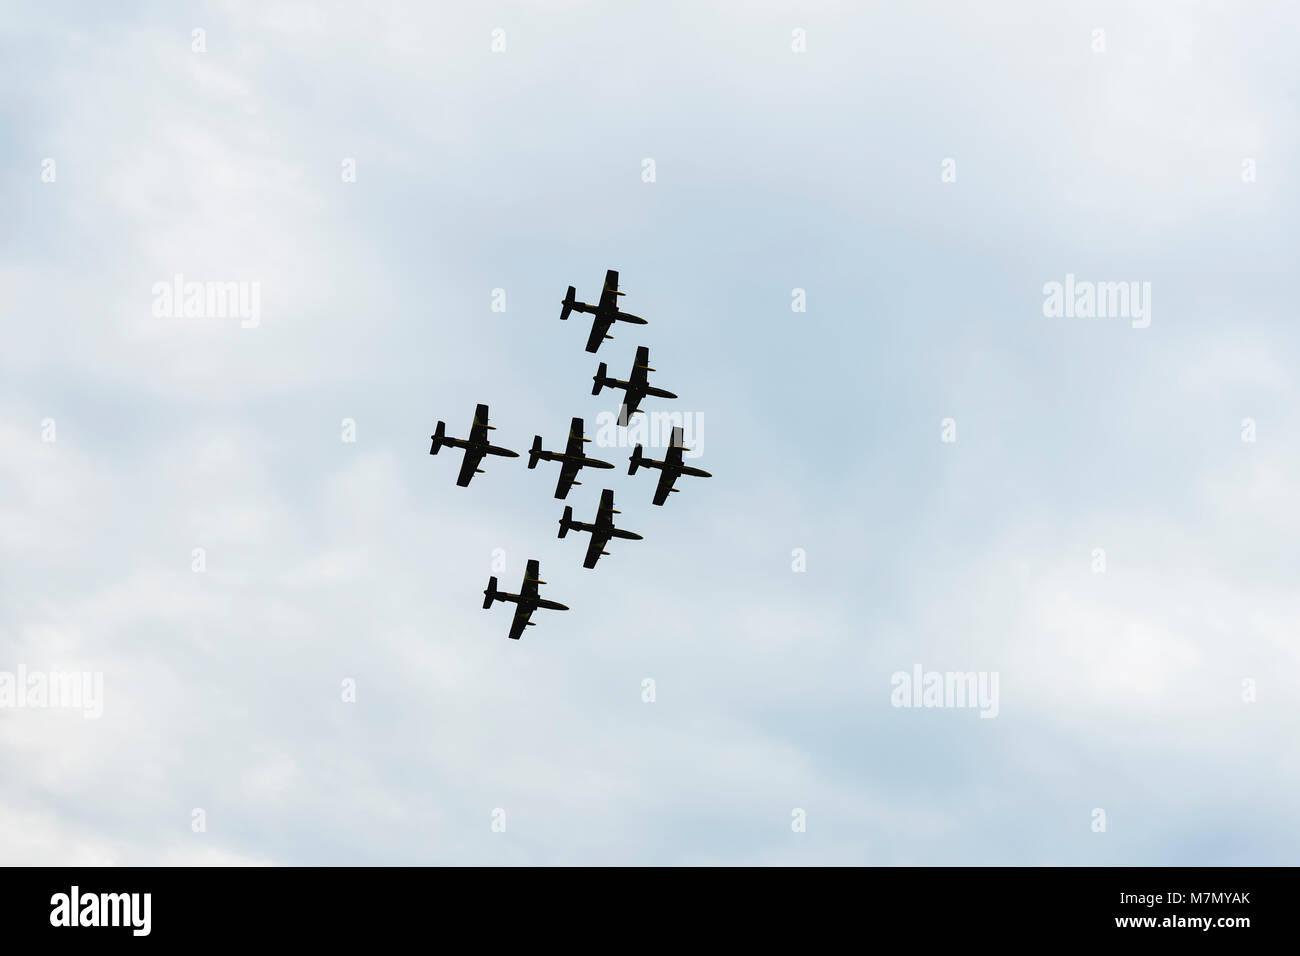 Aerei su airshow getti, battenti. Velivoli in volo. Prestazioni esaltanti. Prestazioni aria, aeromobili battenti Immagini Stock